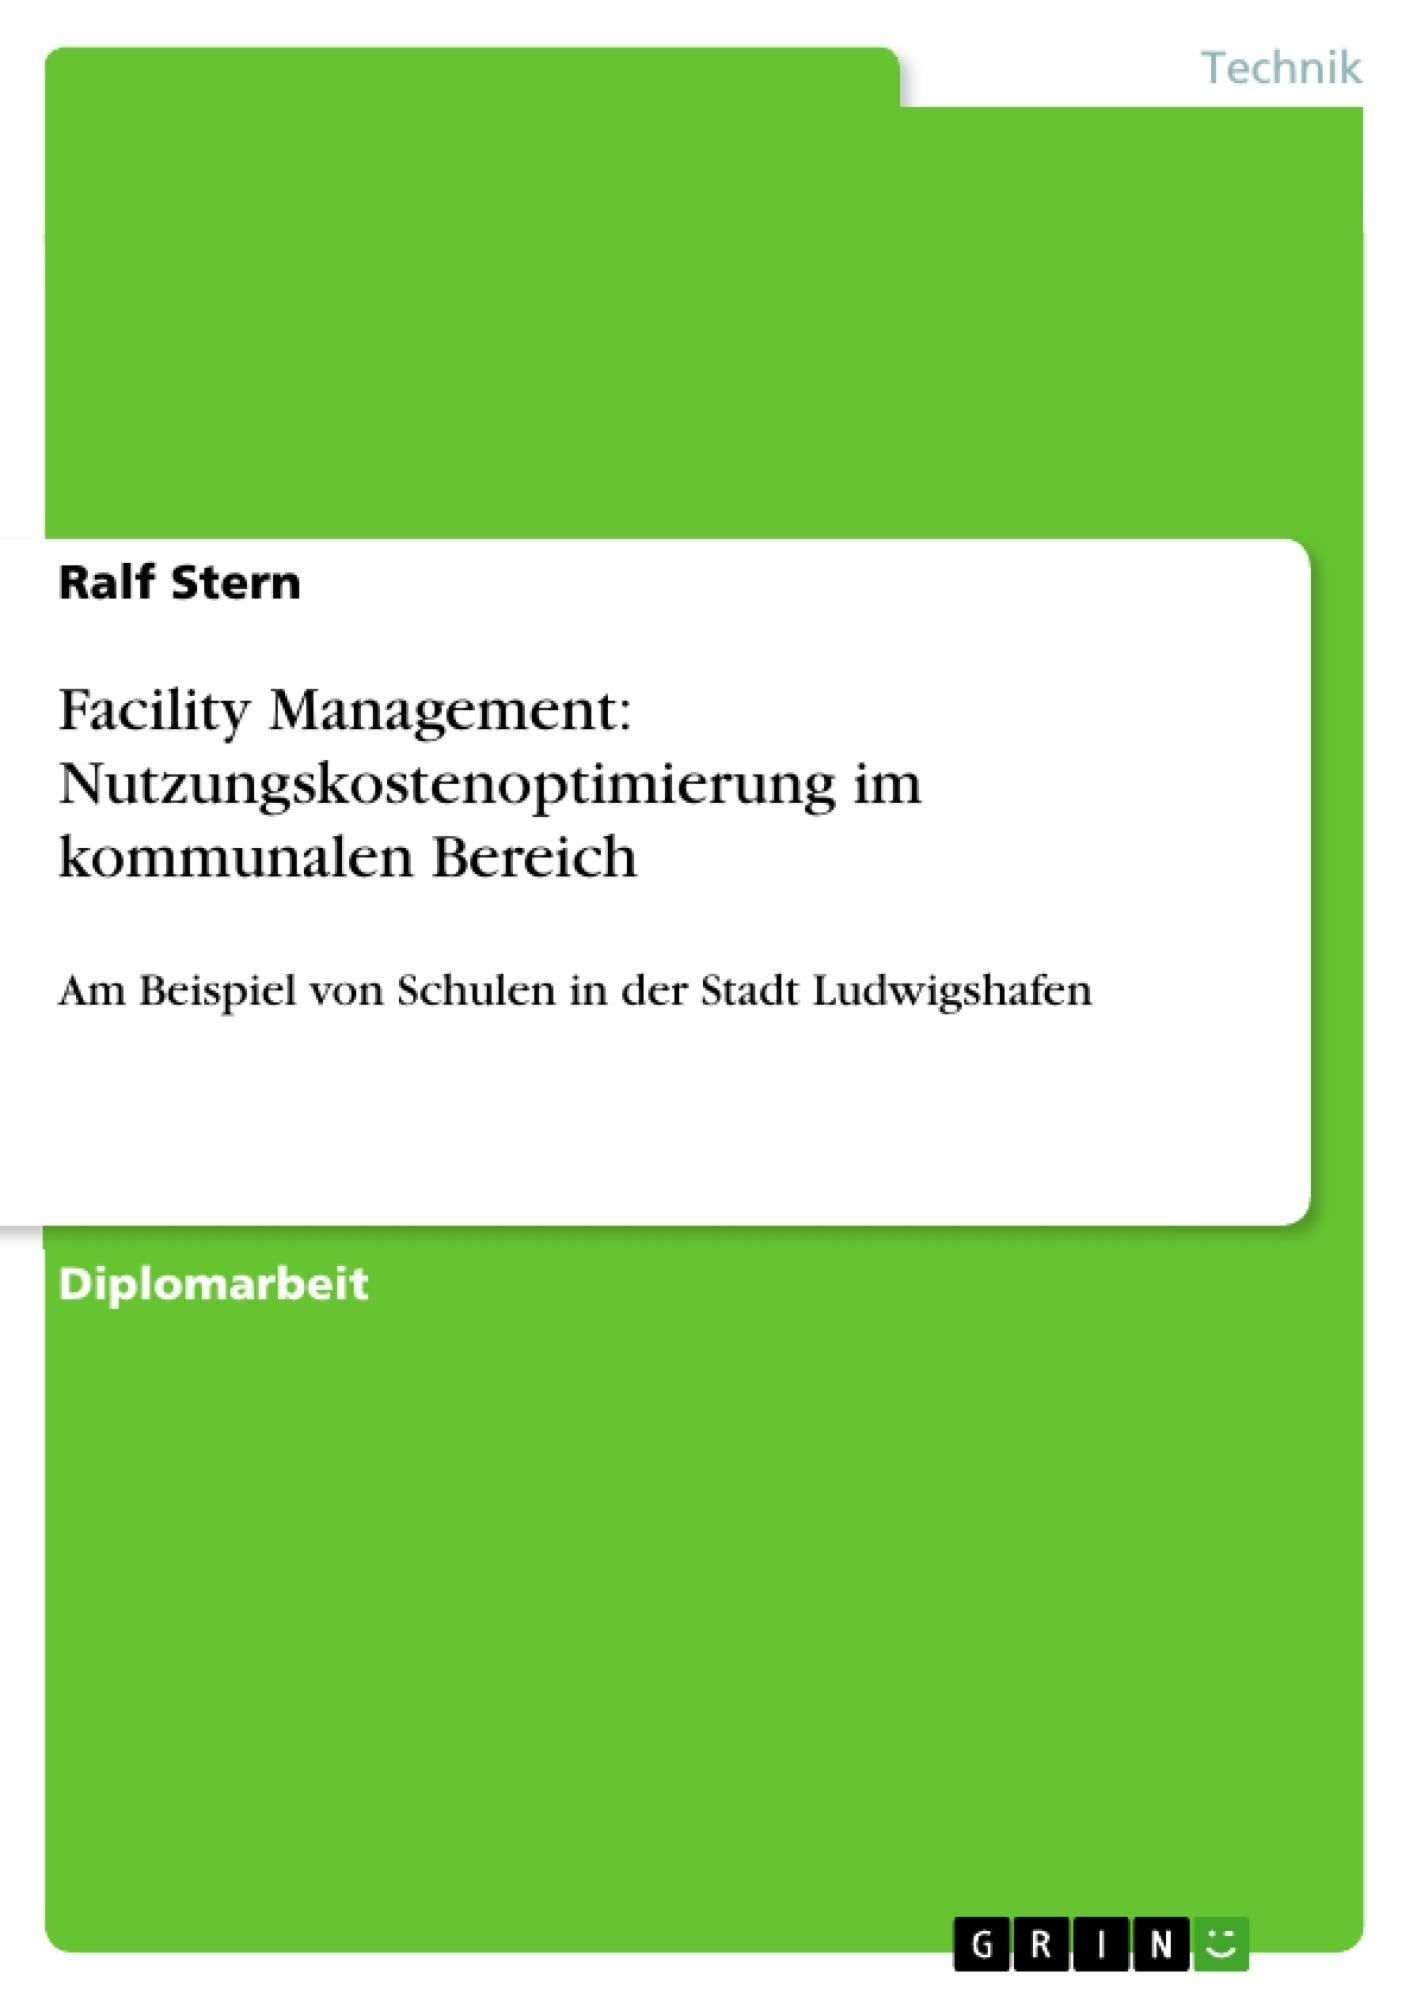 Titel: Facility Management: Nutzungskostenoptimierung im kommunalen Bereich